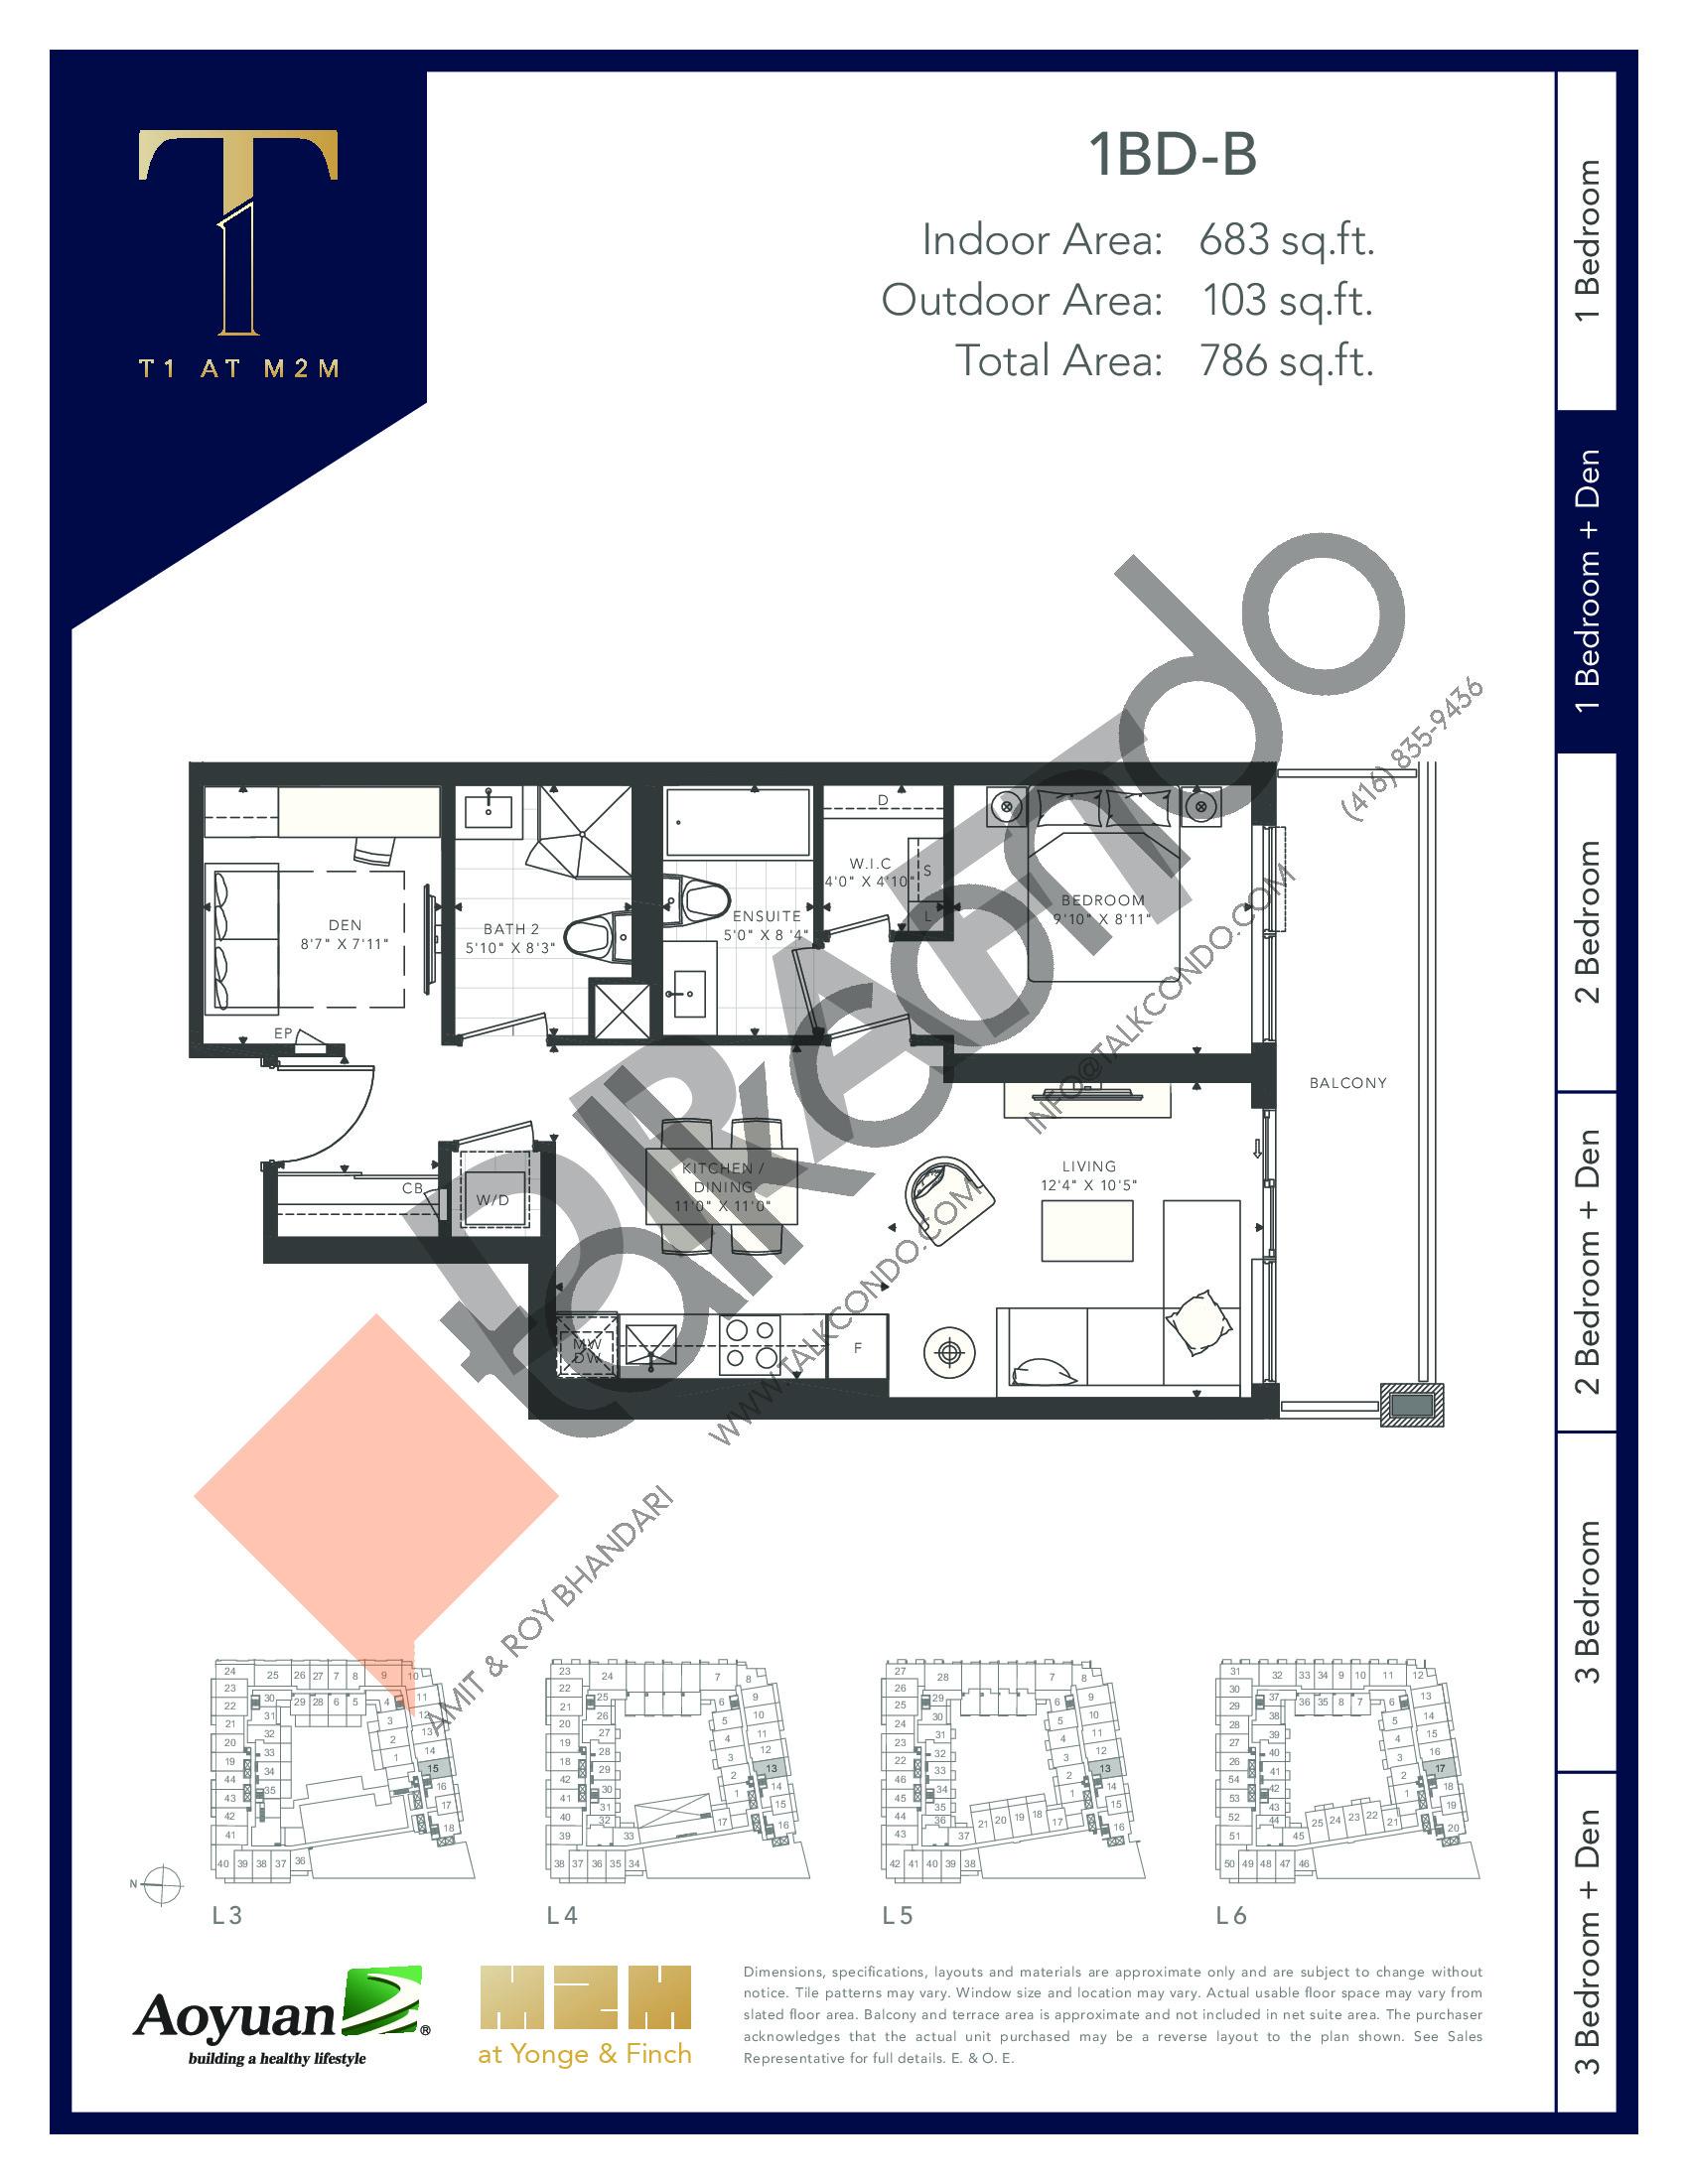 1BD-B (Podium) Floor Plan at T1 at M2M Condos - 683 sq.ft